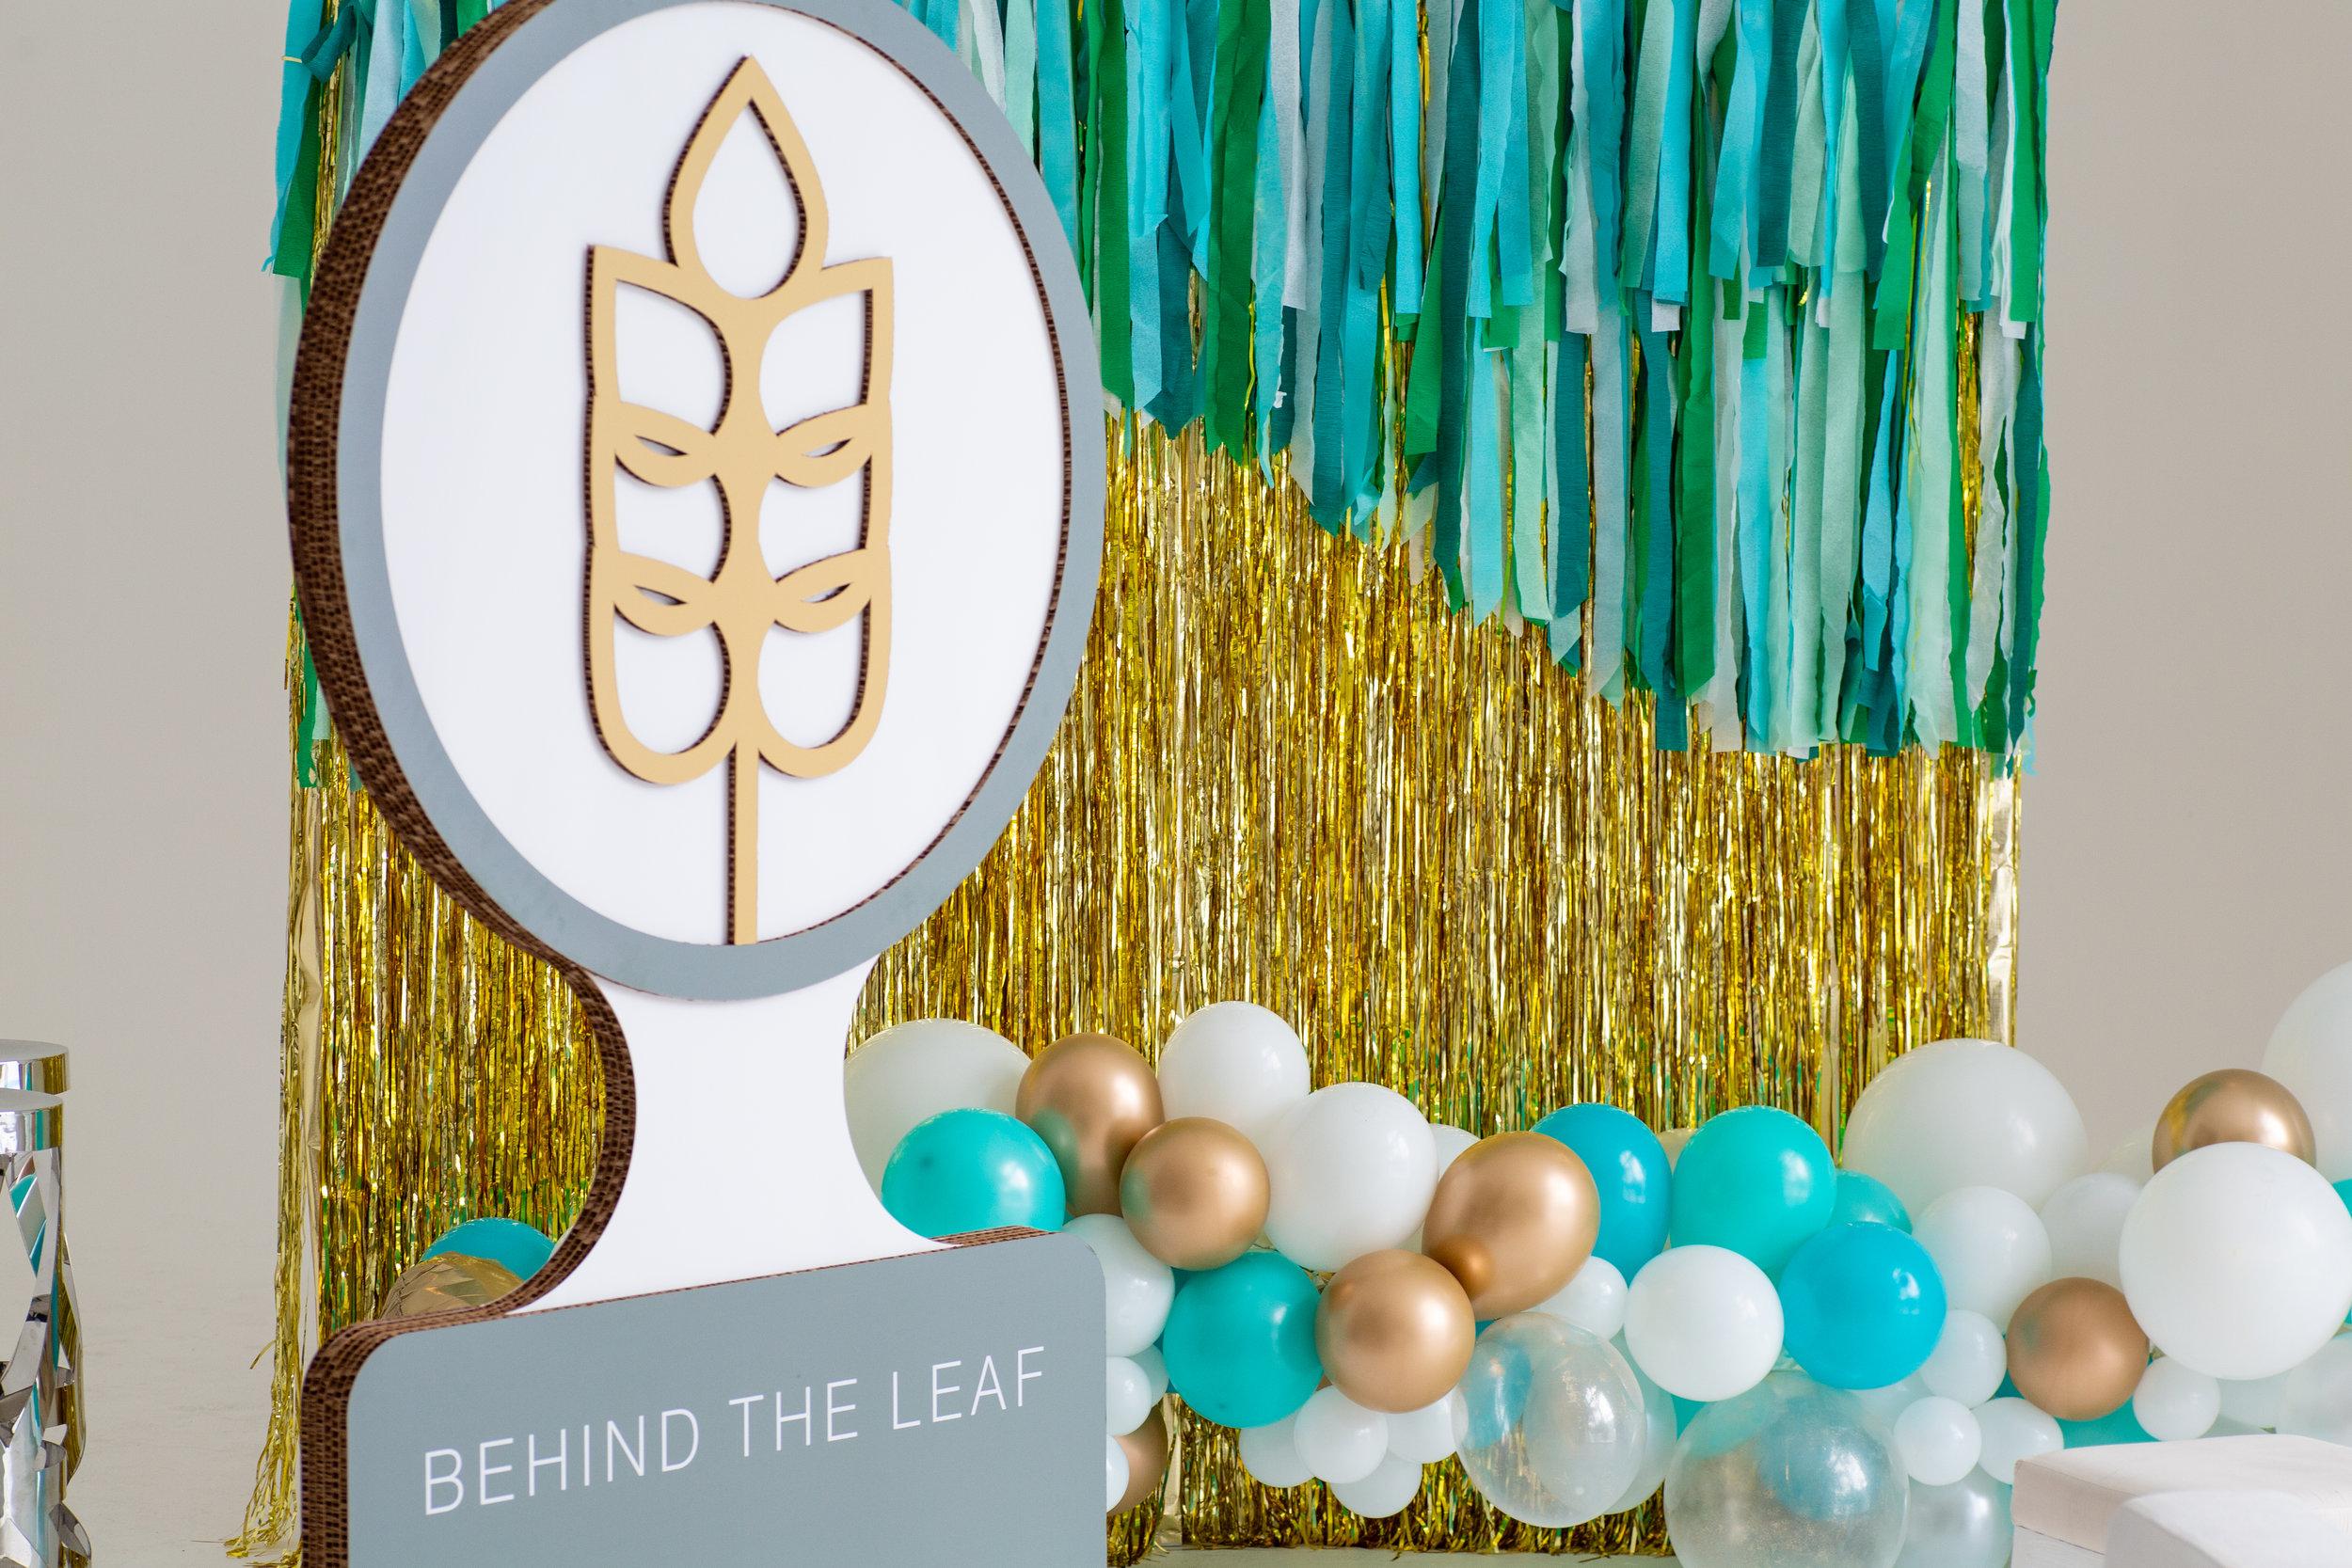 Behind the Leaf - Flourish Media 2